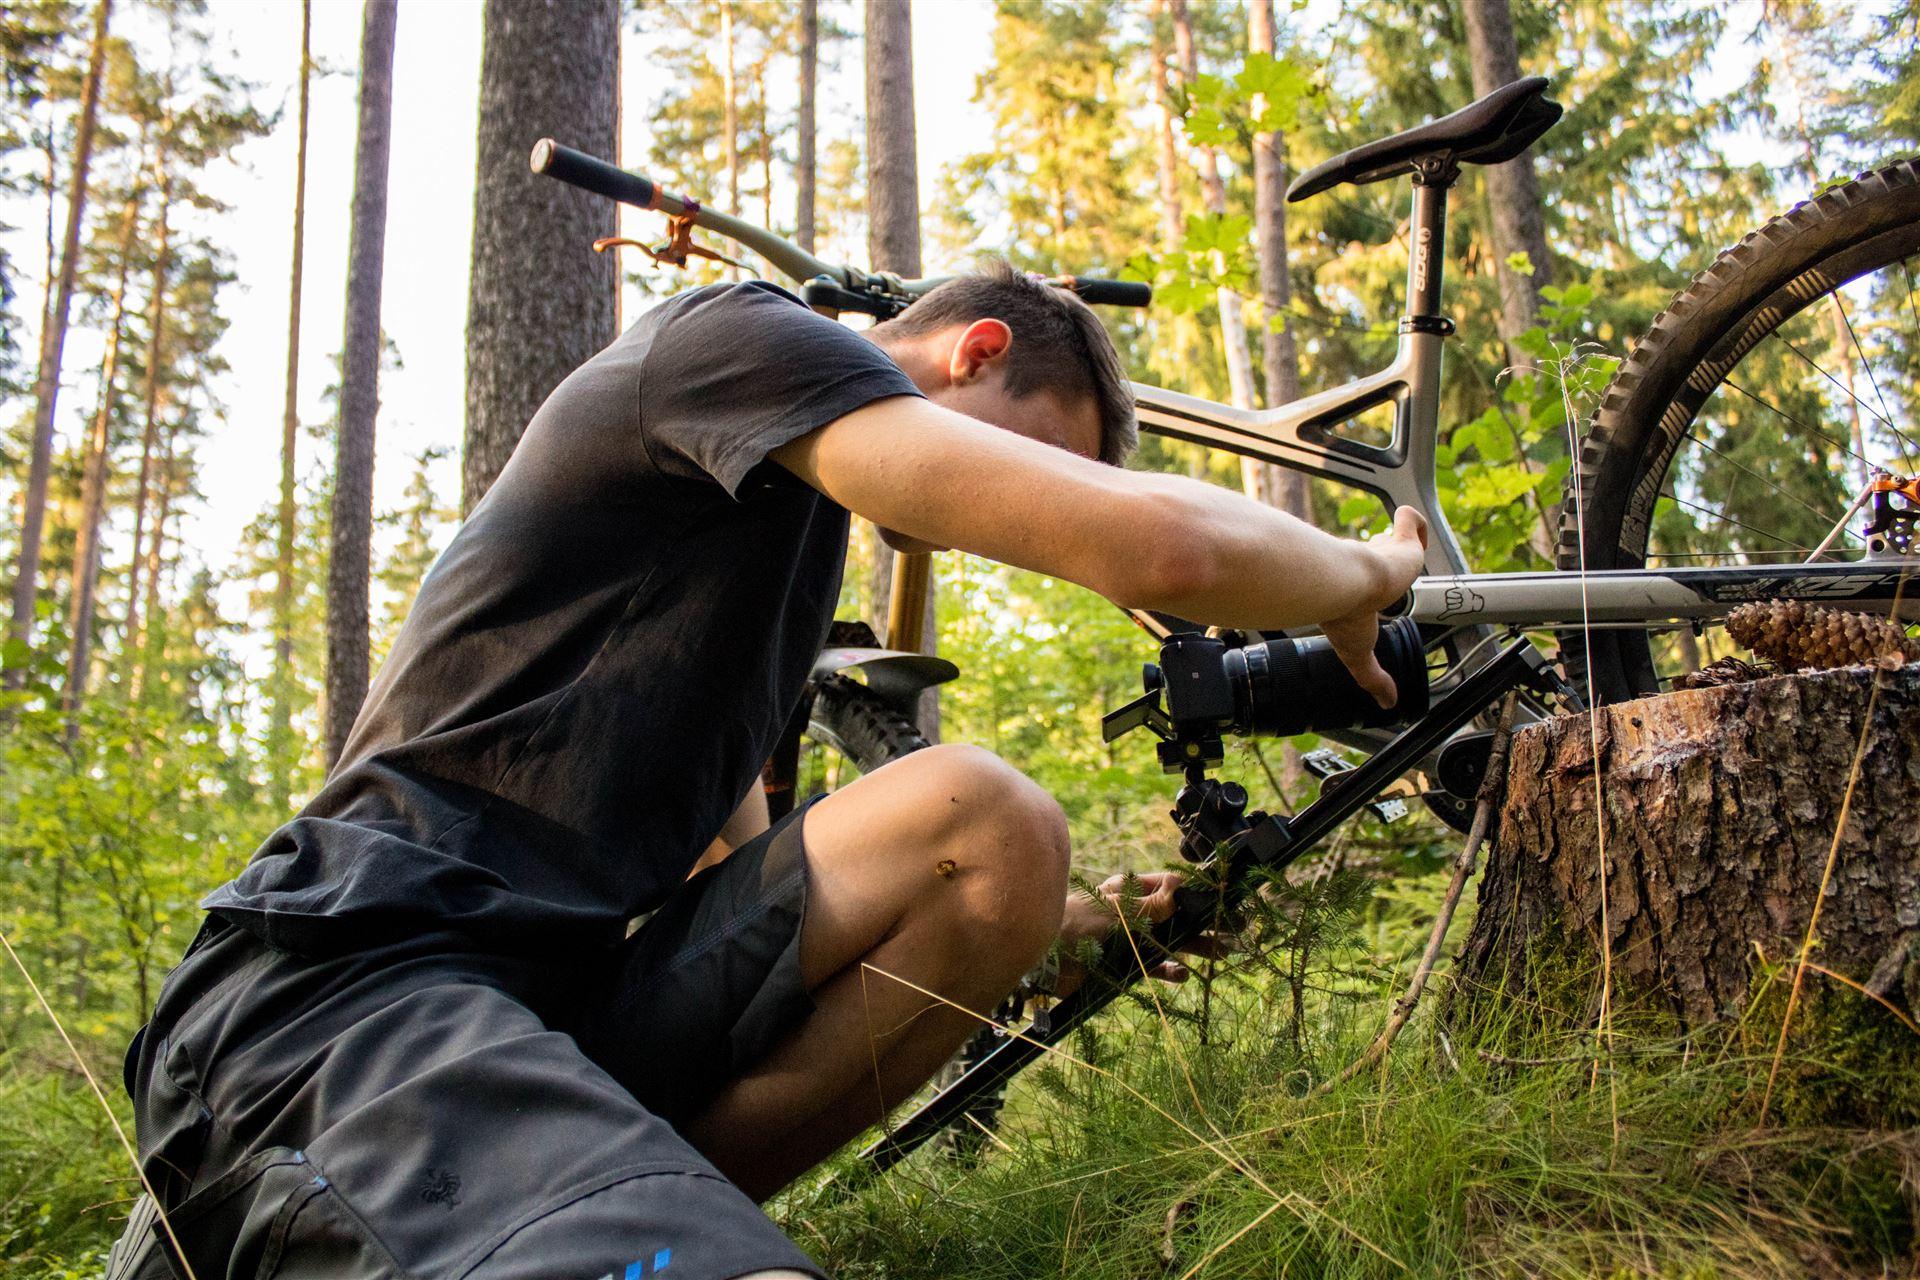 Constanin Köferl Biking is awesome Team Foto und Video Produktion